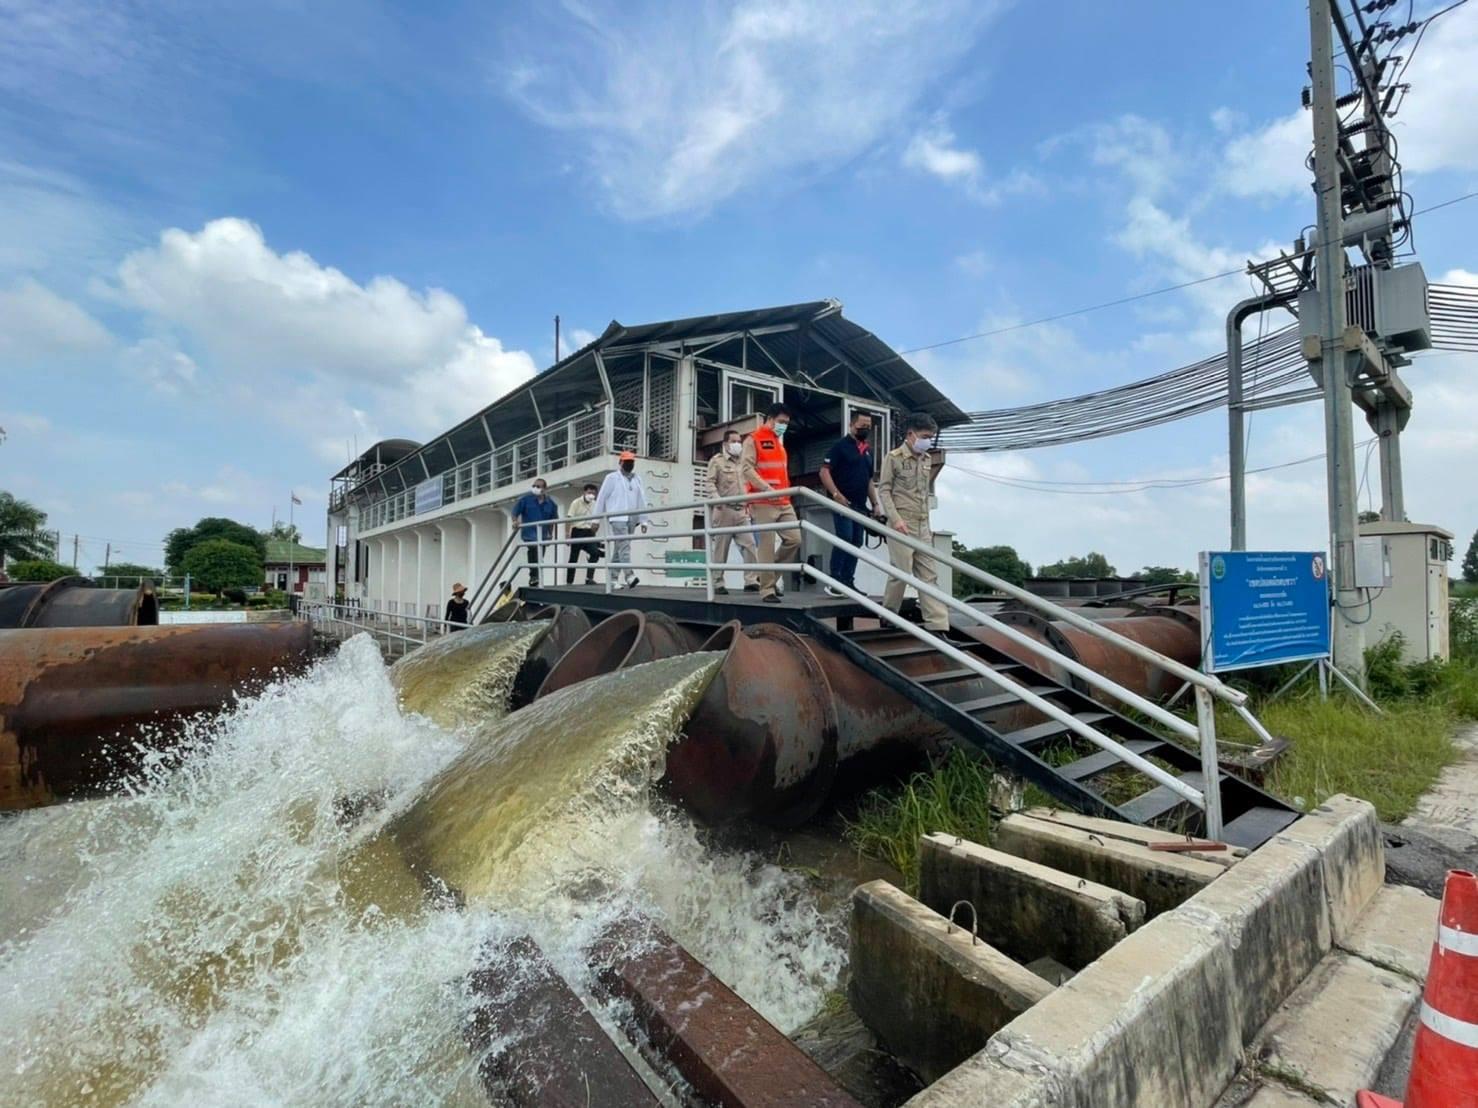 กรมอุตุฯ กางสถิติเทียบปริมาณฝน ยันน้ำไม่ท่วมซ้ำรอยปี 54 – IT